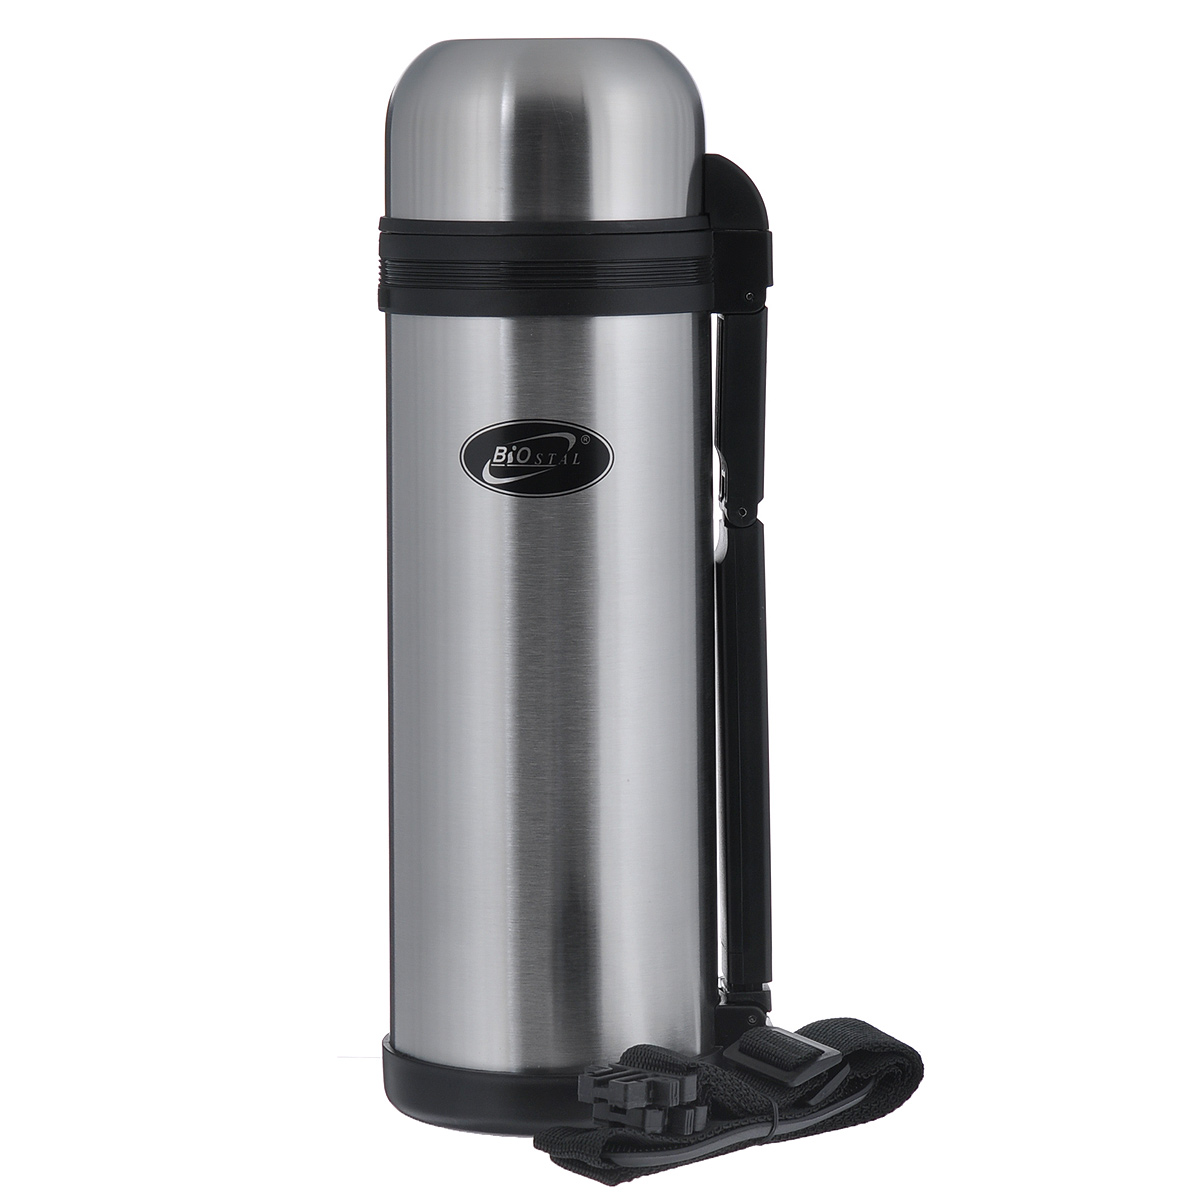 Термос Biostal, 1,8 л. NG-1800-1NG-1800-1Универсальный пищевой термос Biostal относится к классической серии. Термосы этой серии, являющейся лидером продаж, просты в использовании, экономичны и многофункциональны. Универсальный термос выполняет функции термоса для еды (первого или второго) и термоса для напитков (кофе, чая). Это достигается благодаря специальной универсальной пробке, которая изготовлена из прочного пластика, легко разбирается для мытья и, обладая дополнительной теплоизоляцией, позволяет термосу дольше хранить тепло. Термос выполнен из нержавеющей стали. Он оснащен удобной ручкой и ремешком для переноски. Крышку можно использовать в качестве чашки. Дополнительная пластиковая чашка в комплекте.